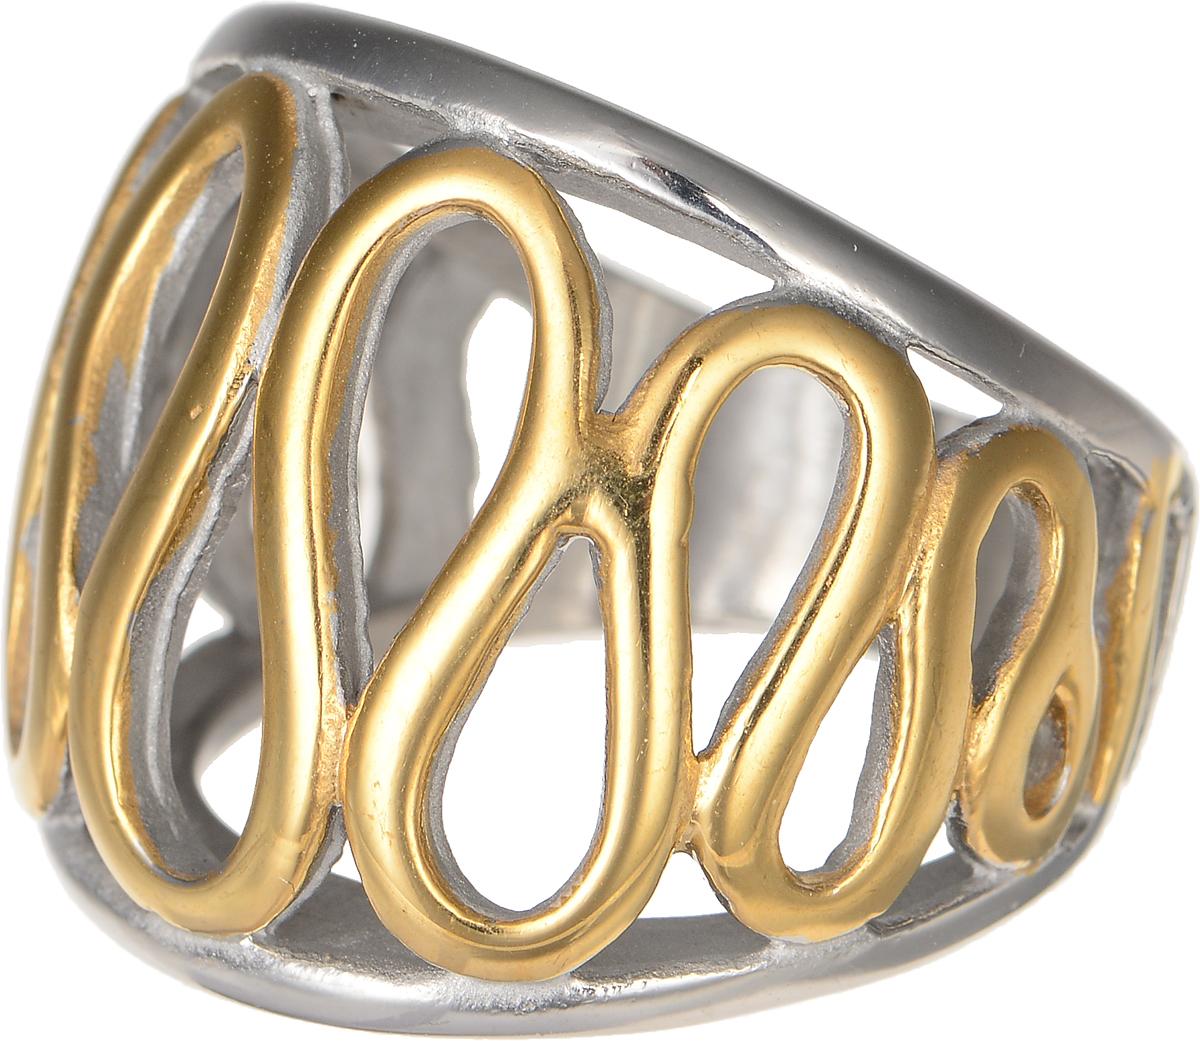 Кольцо Polina Selezneva, цвет: серебристый, золотистый. DG-0011. Размер 20DG-0011-10Стильное кольцо Polina Selezneva изготовлено из качественного металлического сплава и выполнено в оригинальном дизайне. Кольцо оформлено резным узором.